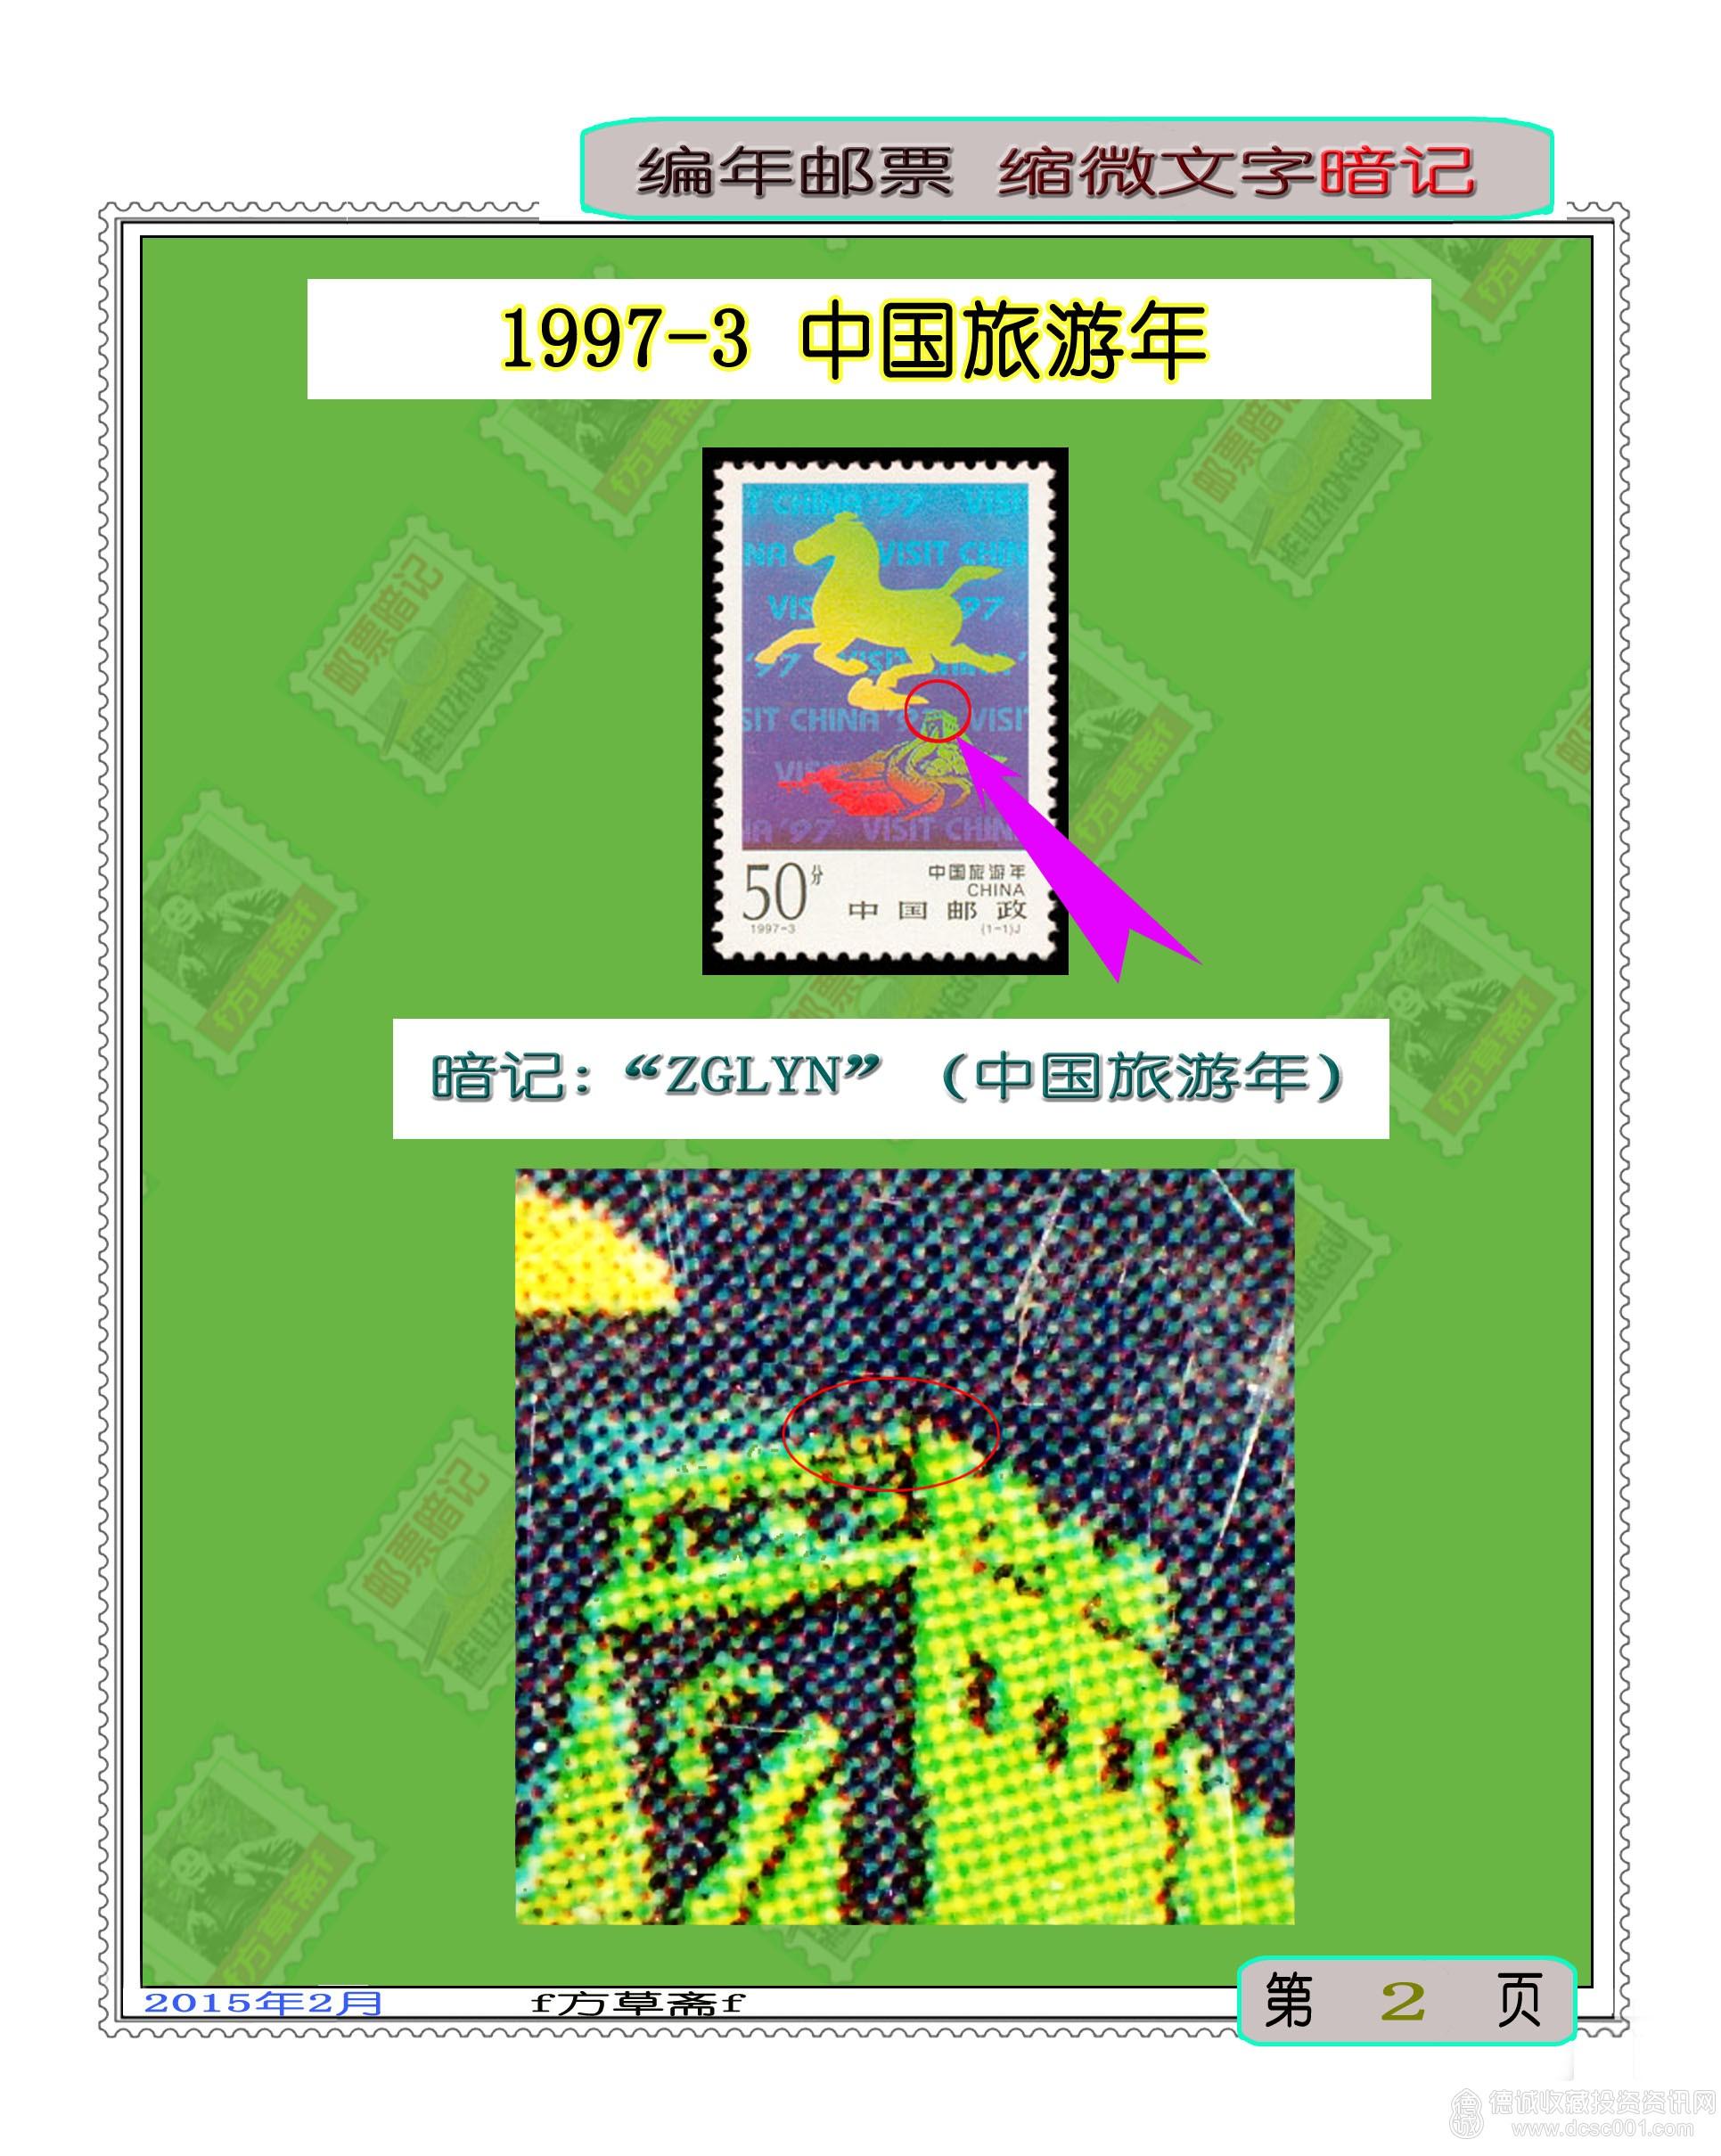 1997-3 中国旅游年.jpg